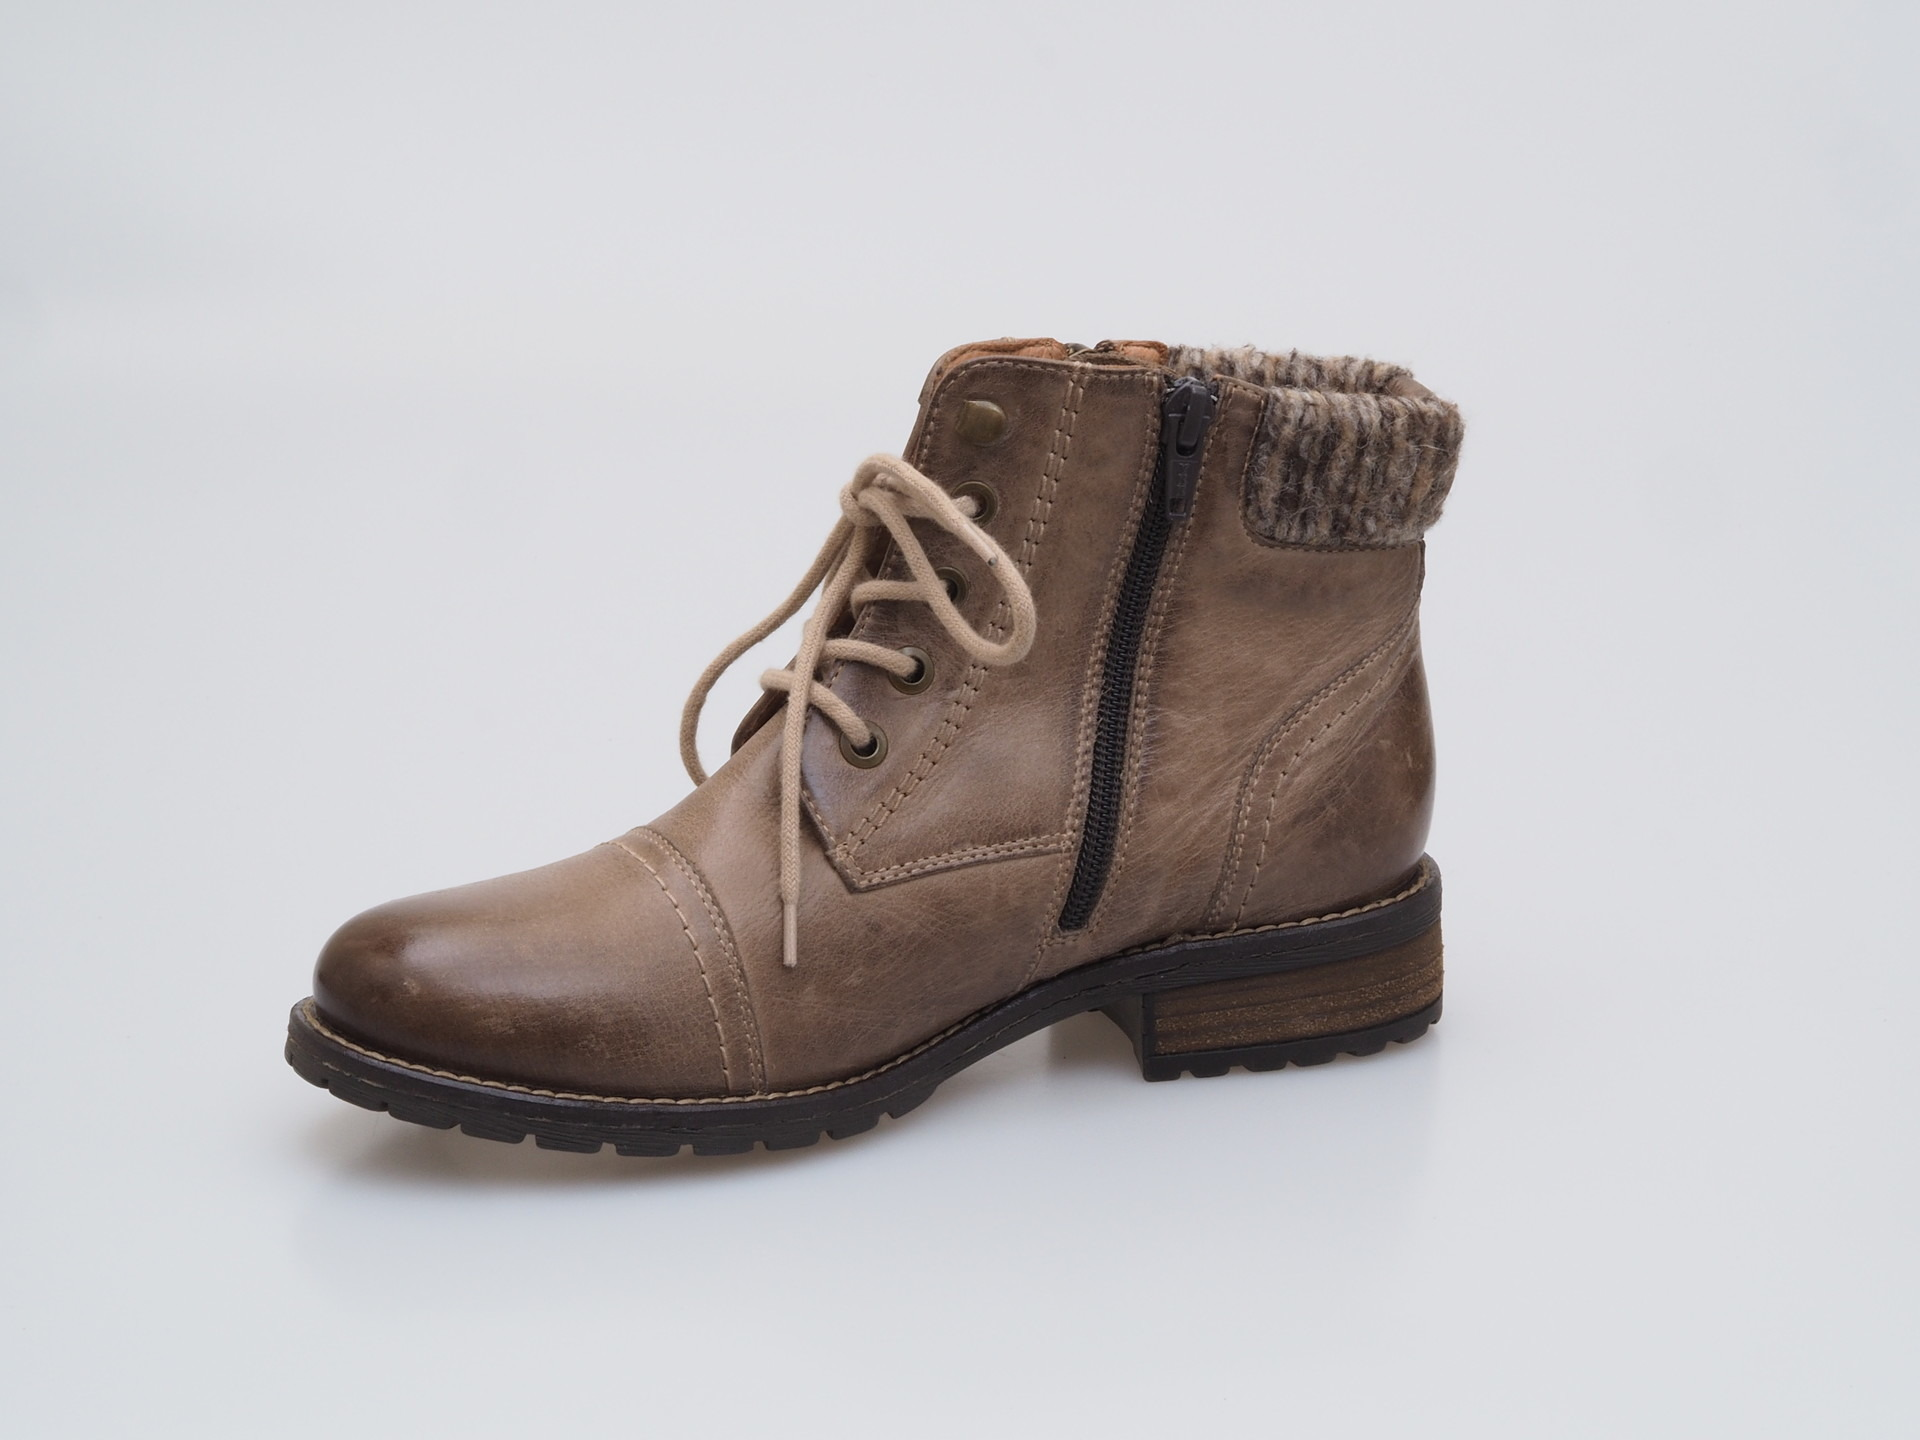 911a0772c1 Soňa - Dámska obuv - Kotníčky - Hnedá dámska šnurovacia obuv